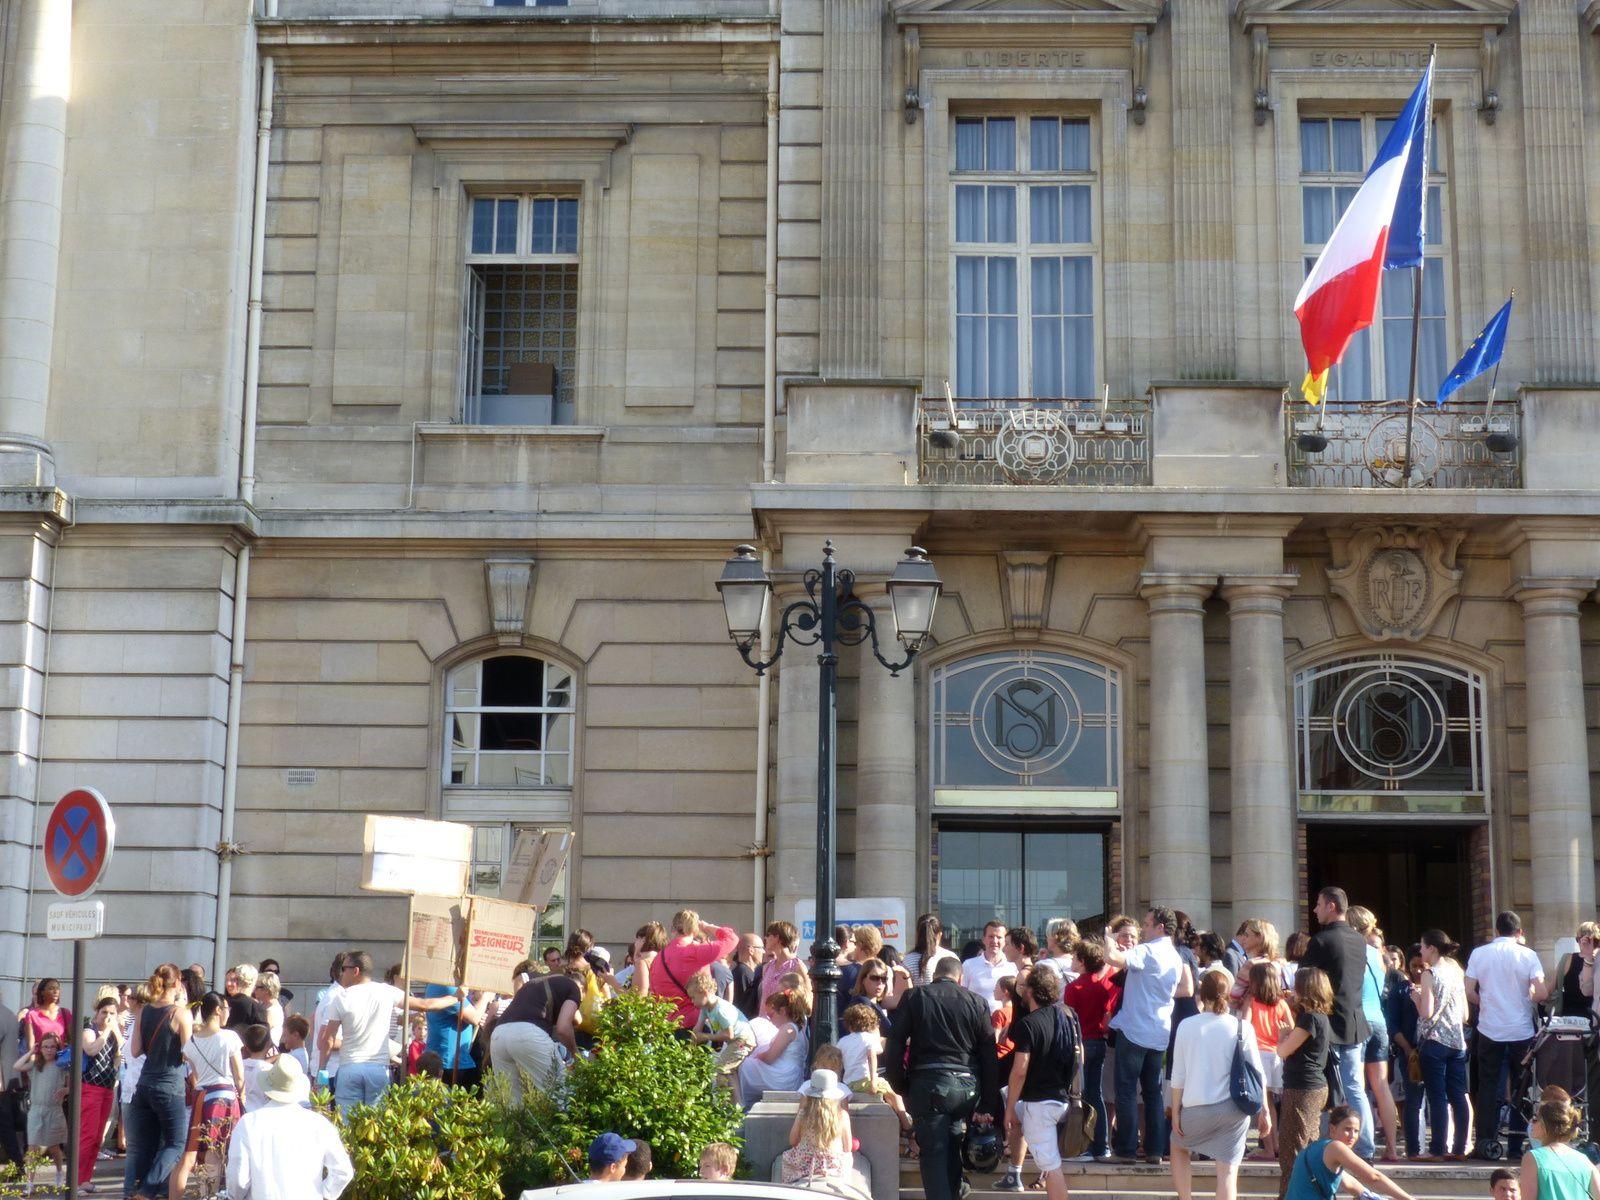 Soirée du 25/06/2015 Conseil municipal de Saint Maur des fossés....Il fait très chaud !